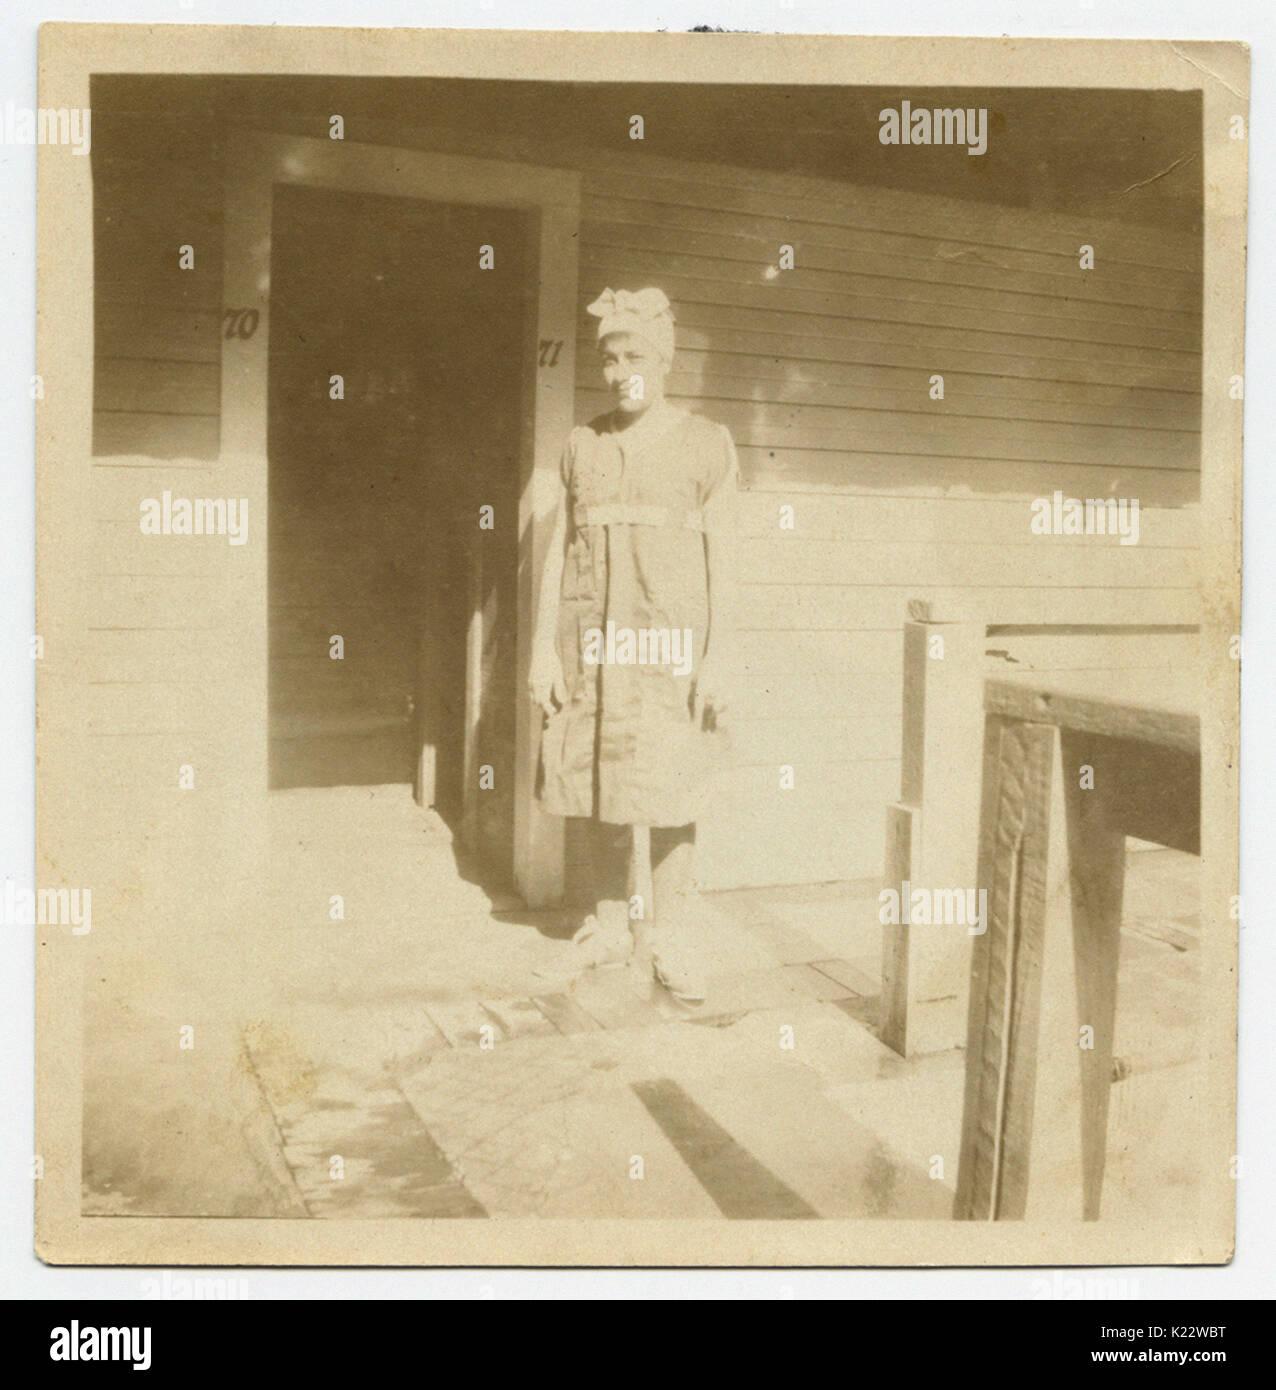 Woman in Bathing Costume, Houston Heights Natatorium - Stock Image